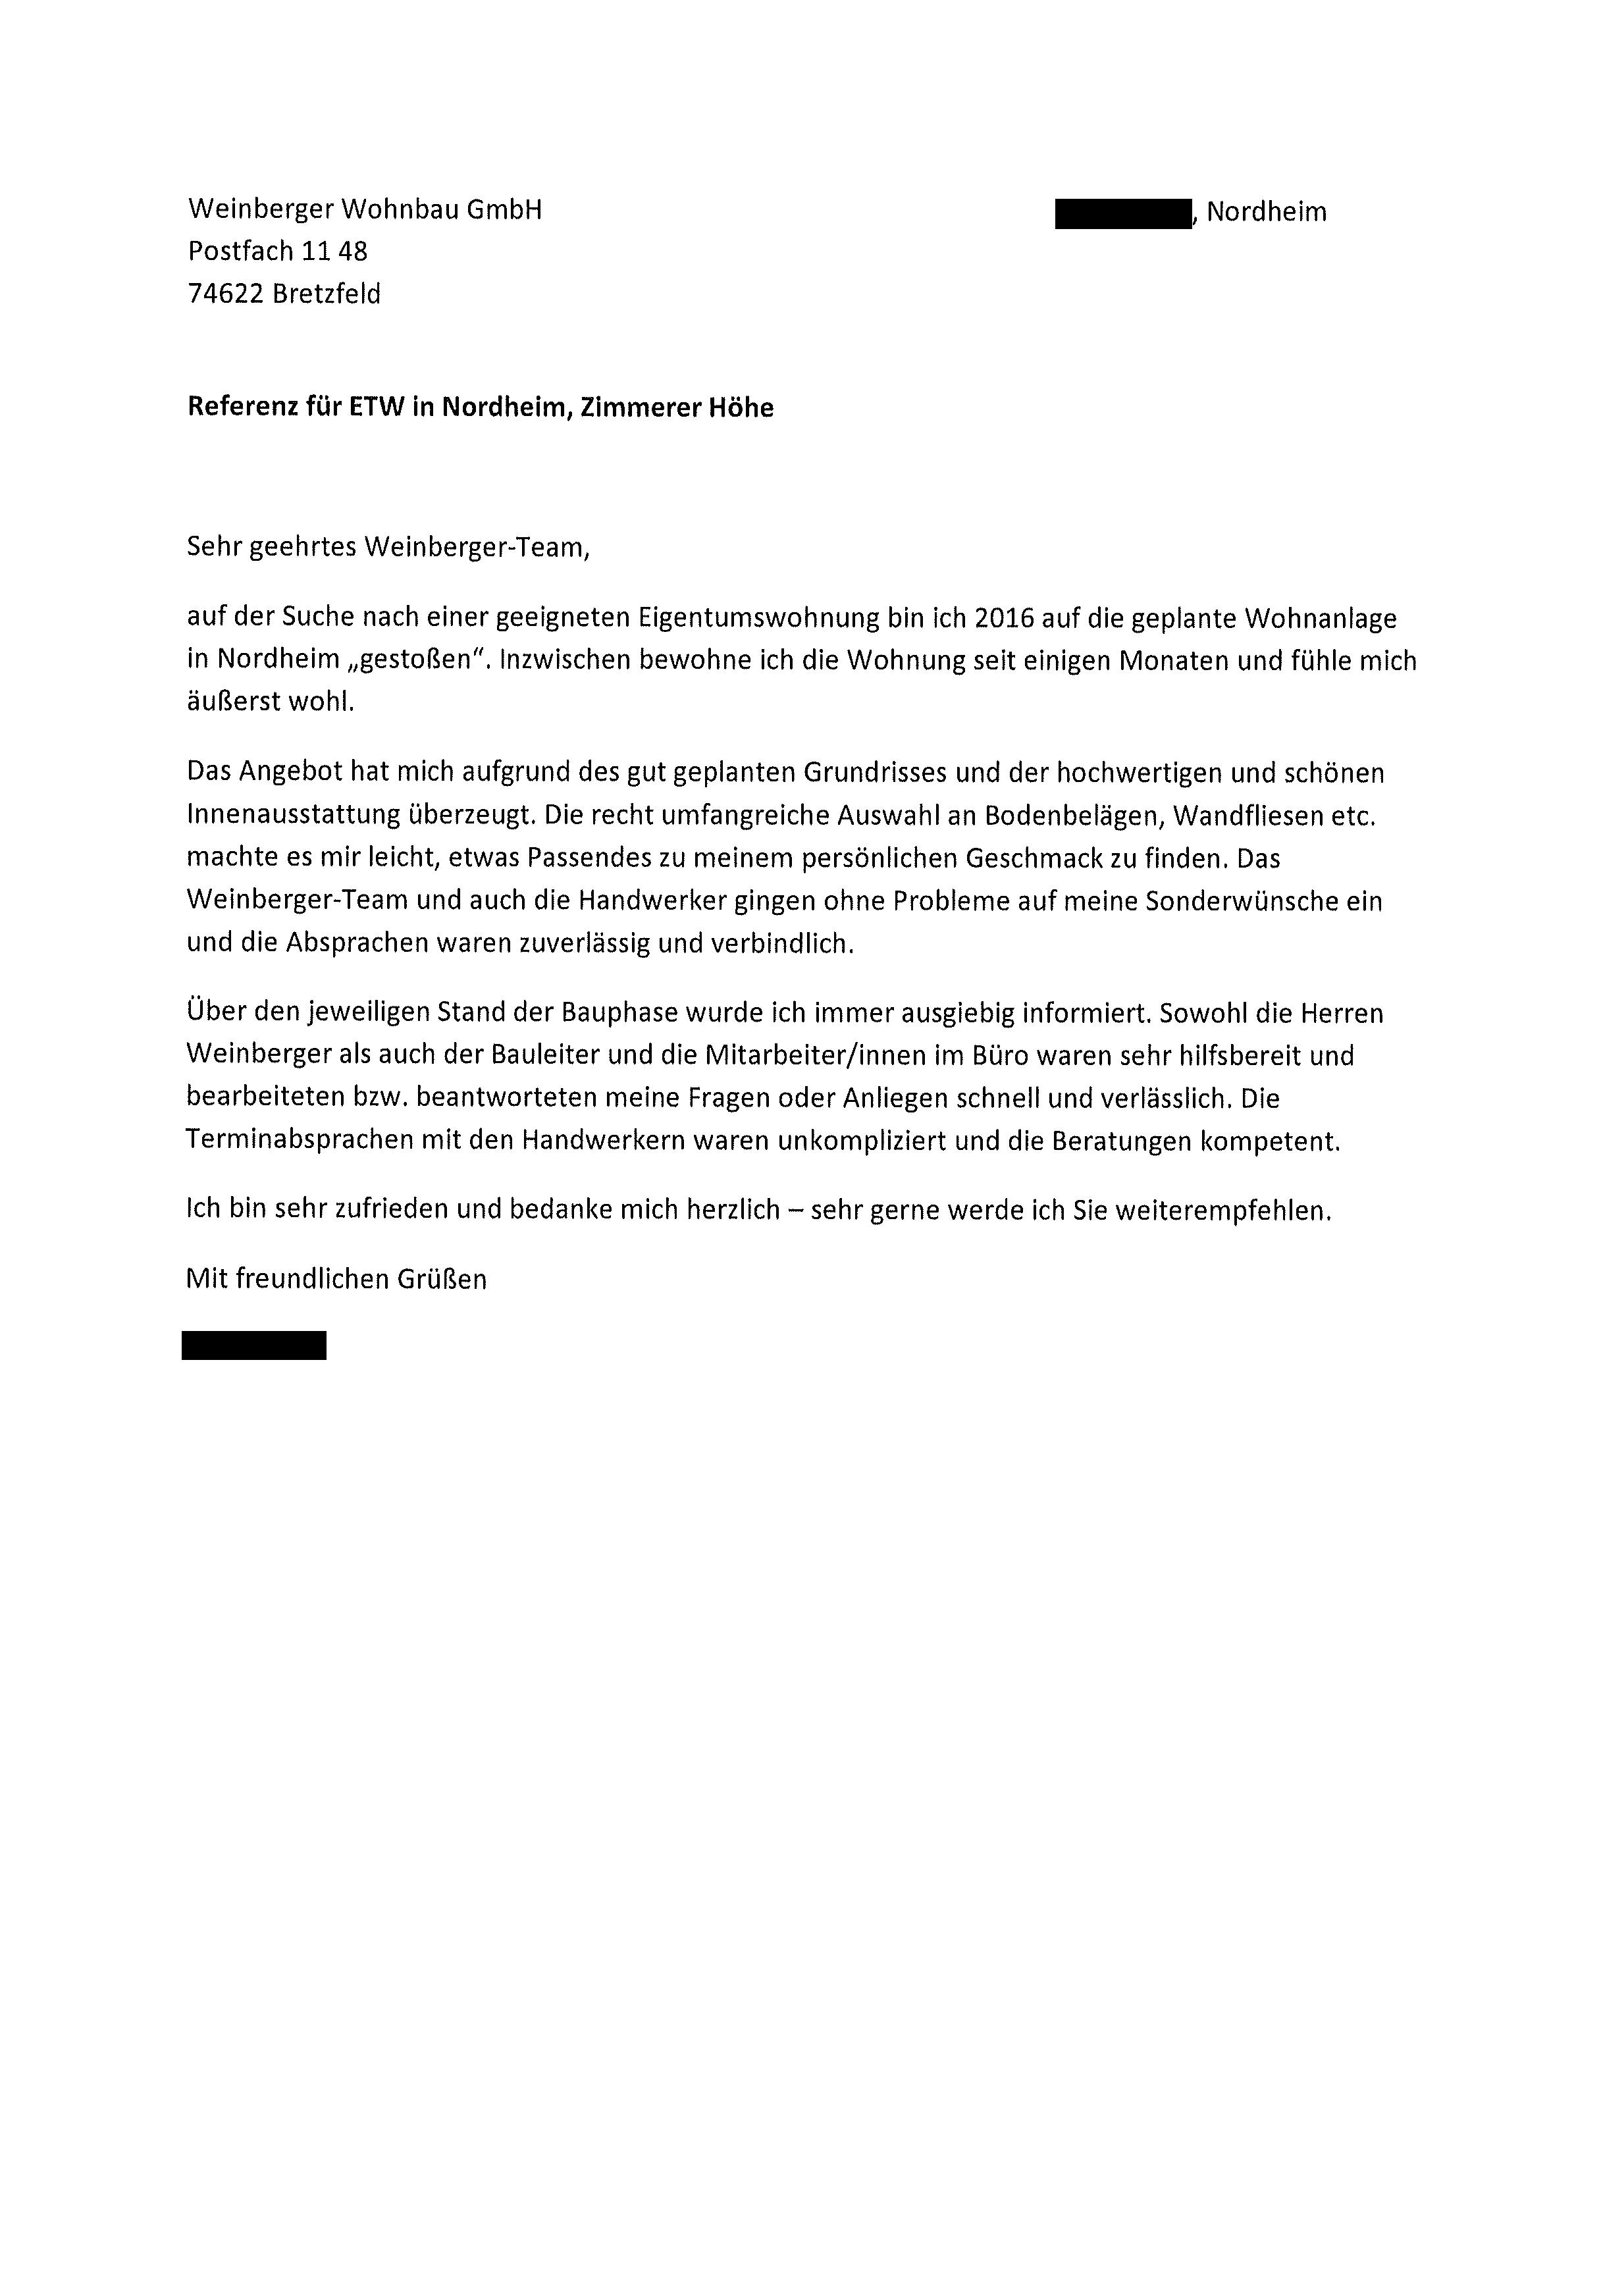 Referenzen Weinberger Wohnbau